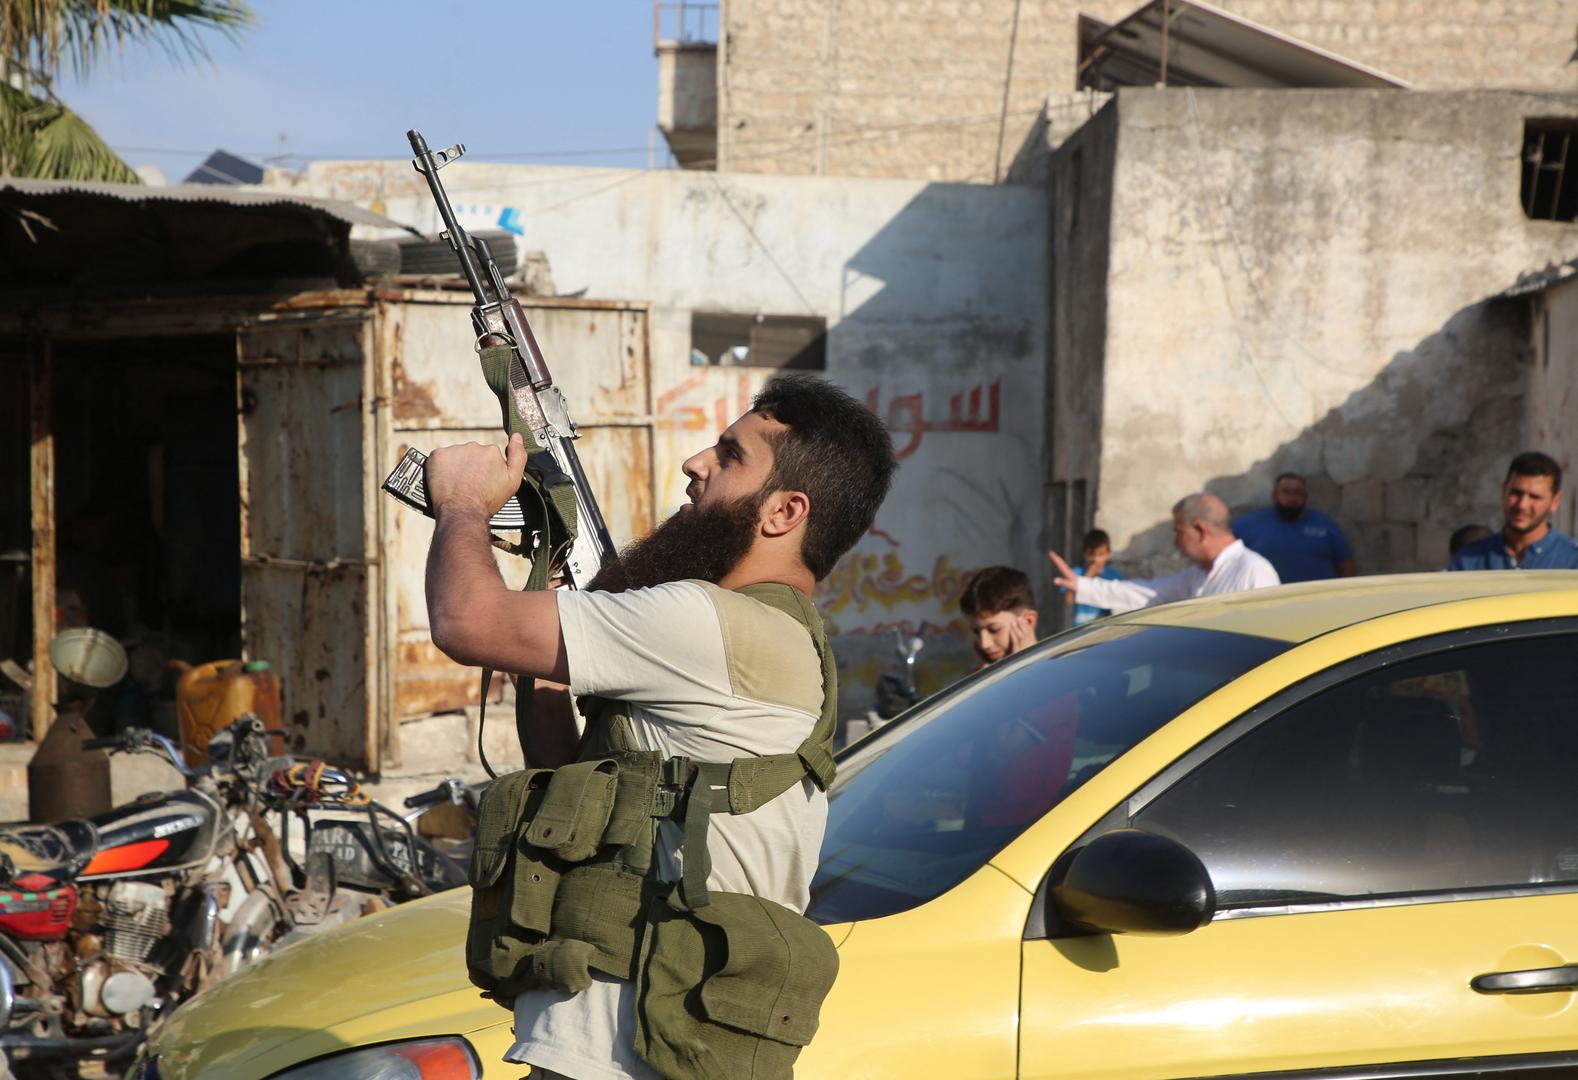 مركز المصالحة الروسي: الإرهابيون في سوريا يستعدون لاستفزازات باستخدام مواد سامة